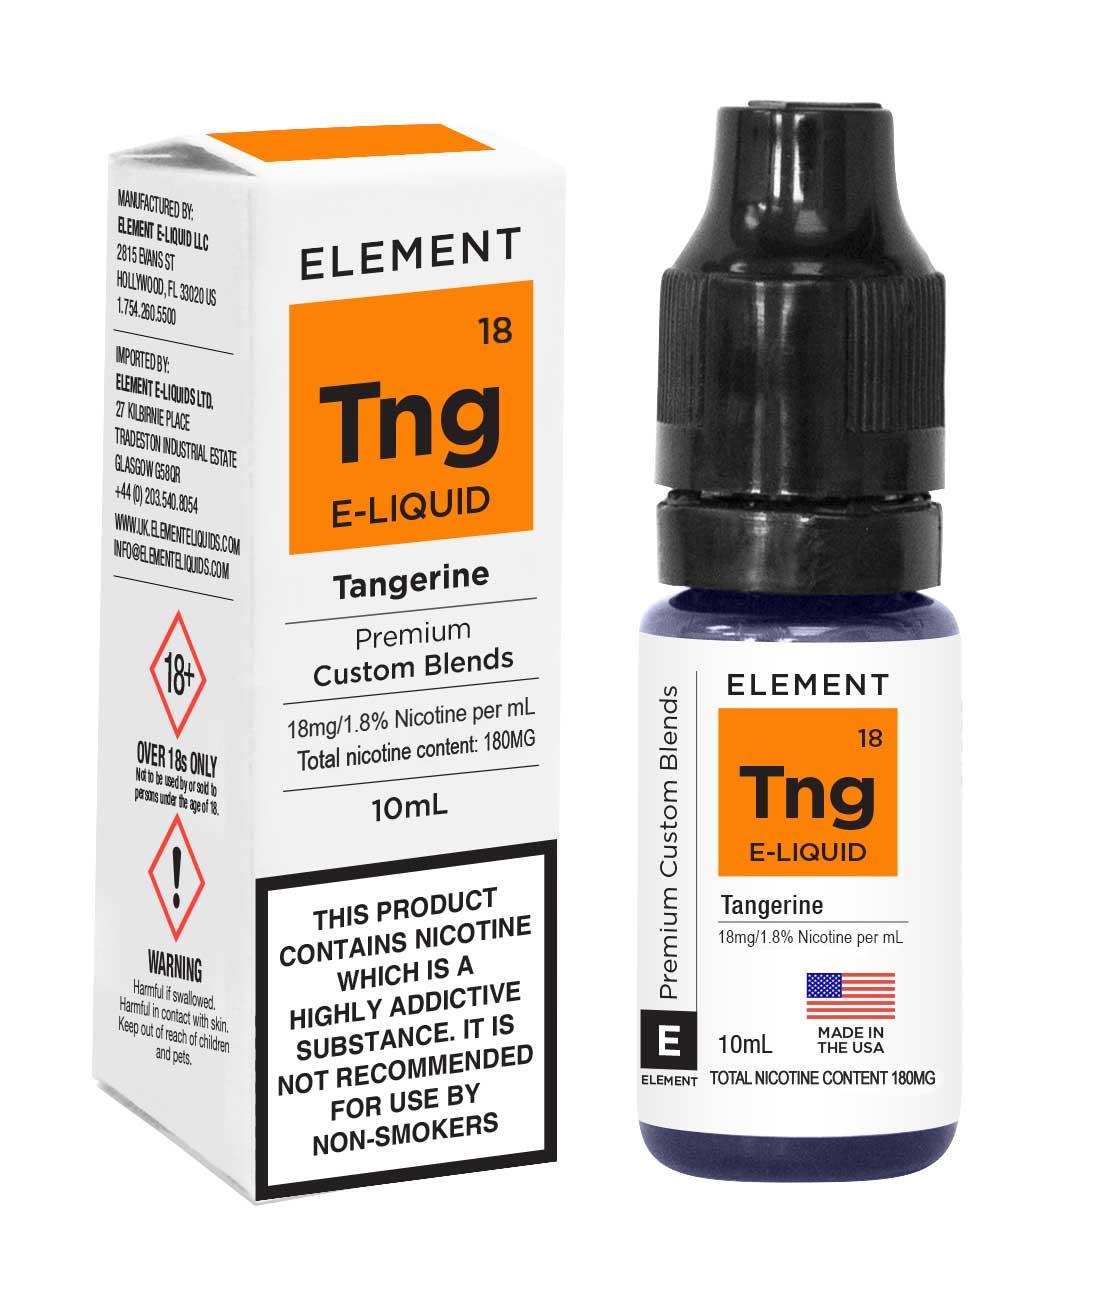 Compare prices for Element E-liquid Tangerine 10ml - 18mg